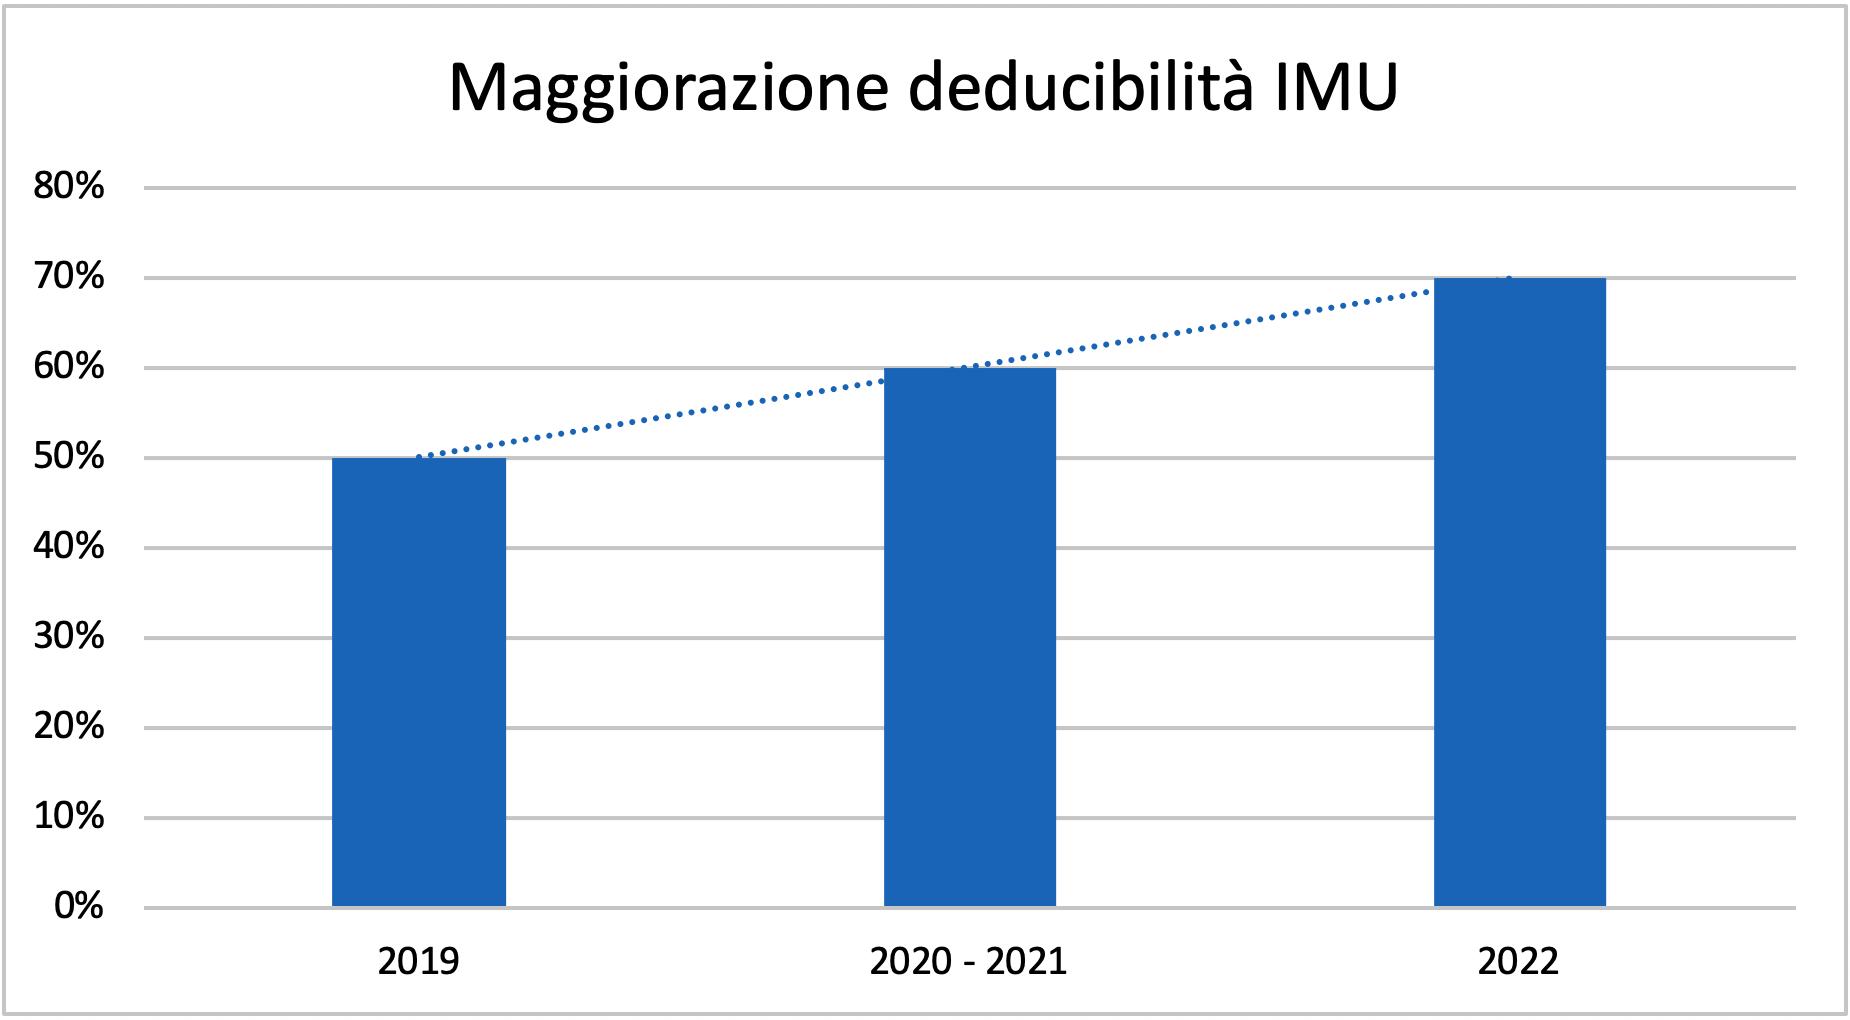 decreto crescita imu deducibile-2